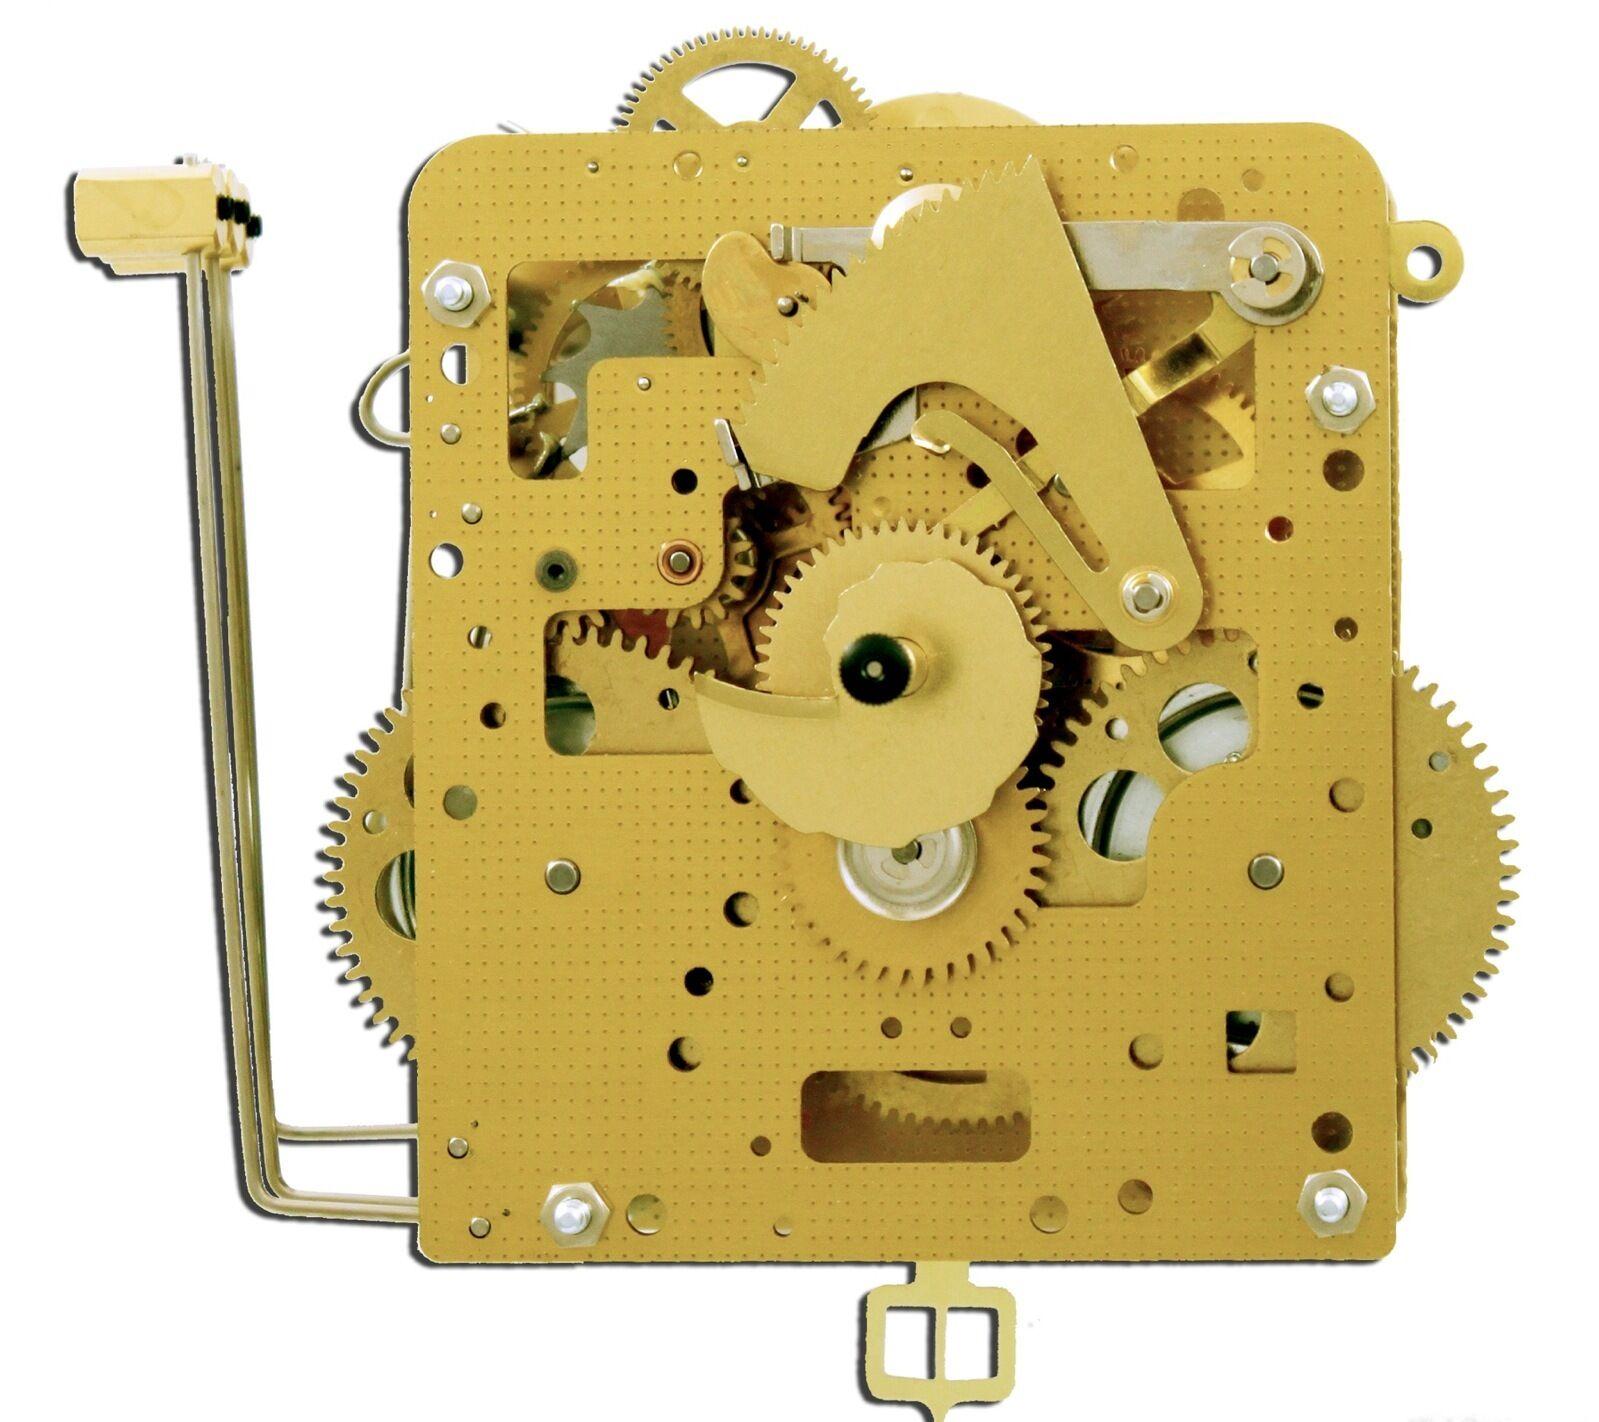 Часов продам механизмы выгодно сдать москва в телефон ломбард